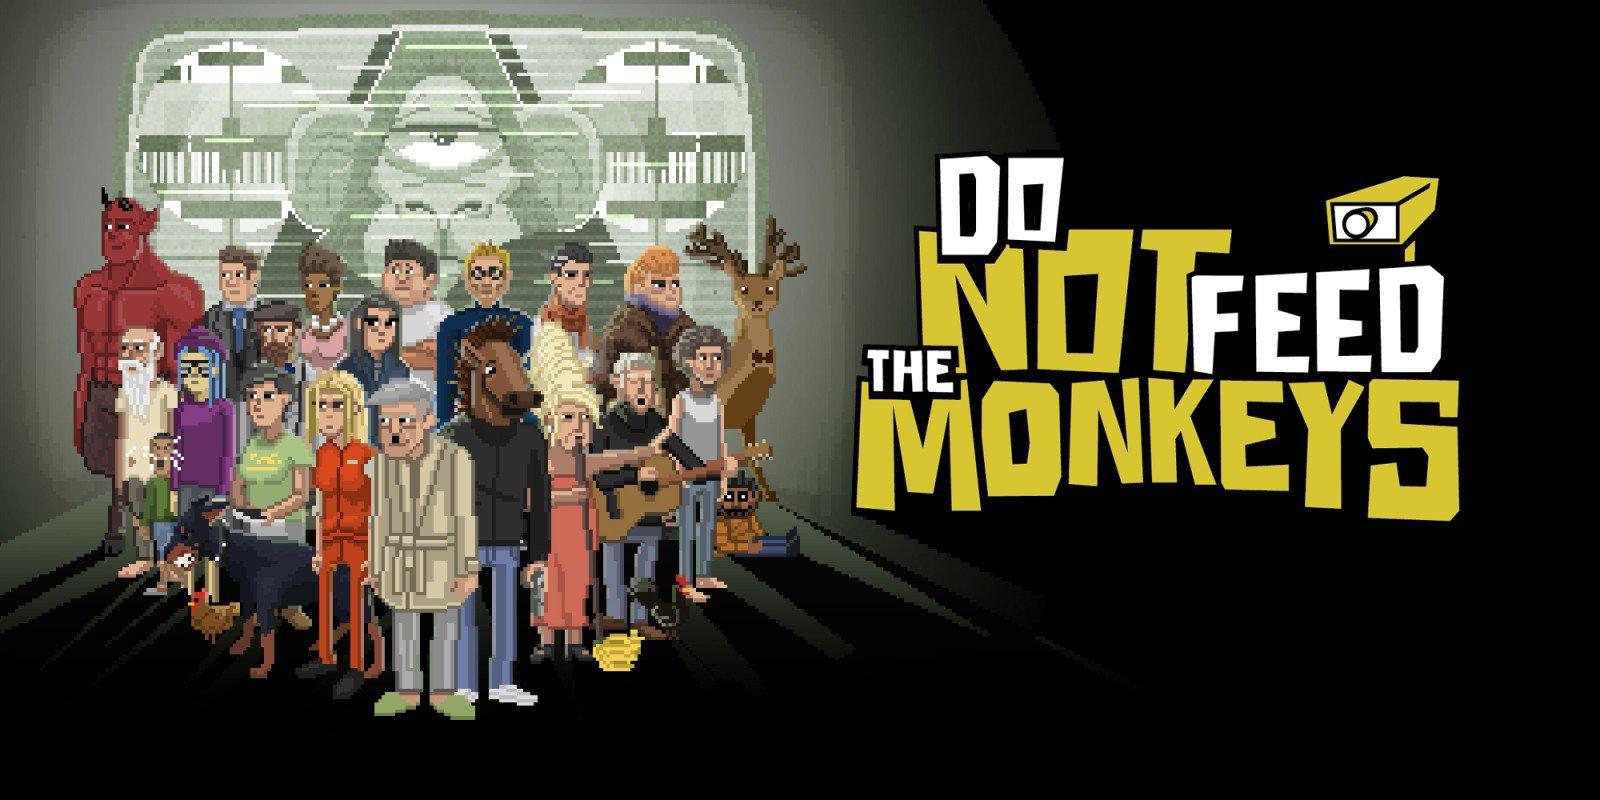 Do not feed the Monkeys, voyeurismo tra Truman Show e Monkey Island